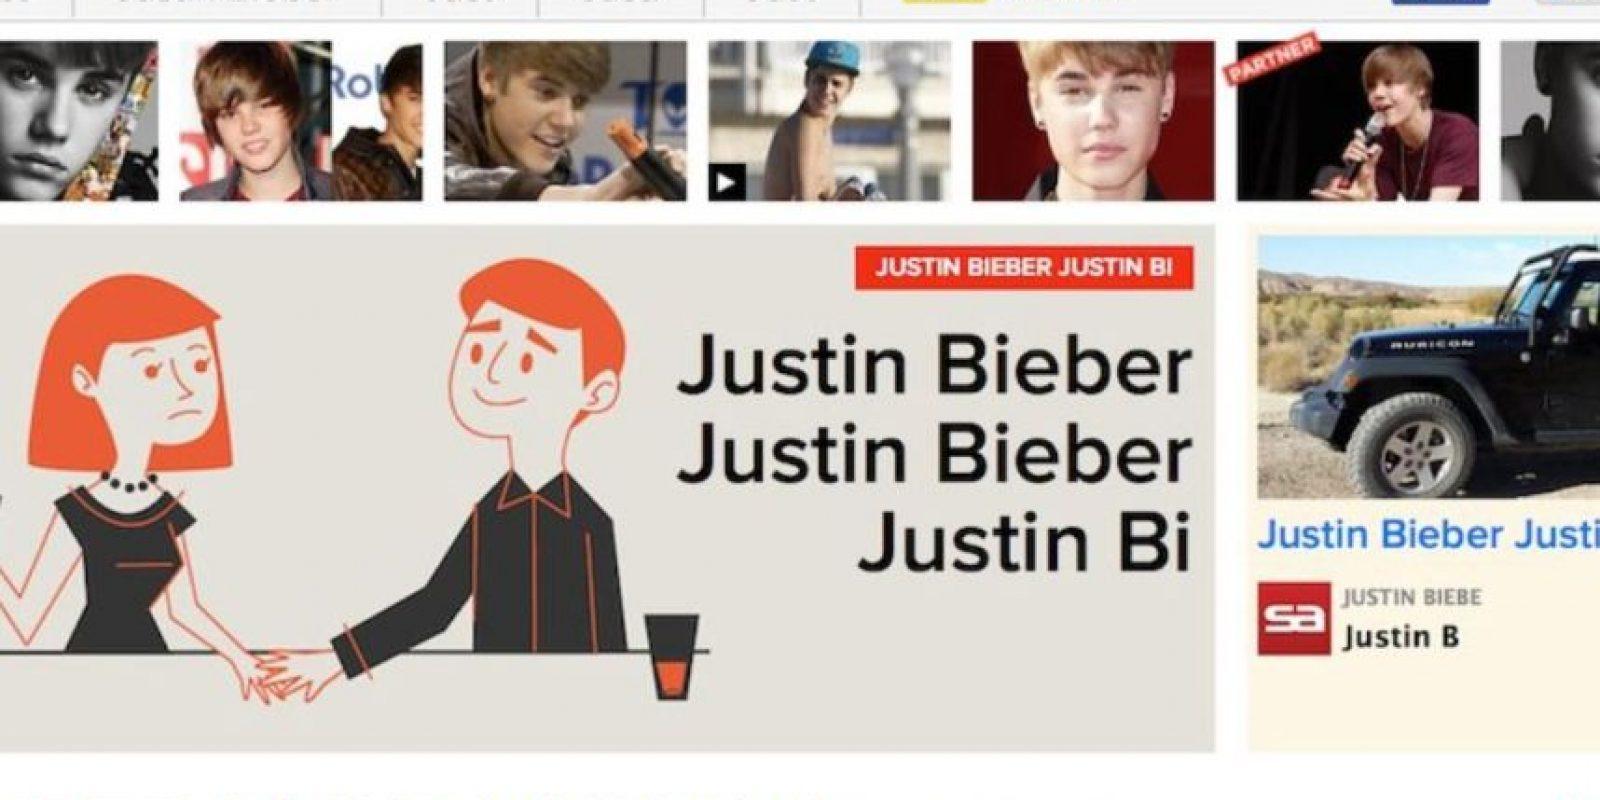 PLUS: Para todas las fanáticas de Justin Bieber, entren a buzfeed.com introduzcan el Código Konami y sean felices. Foto:Google